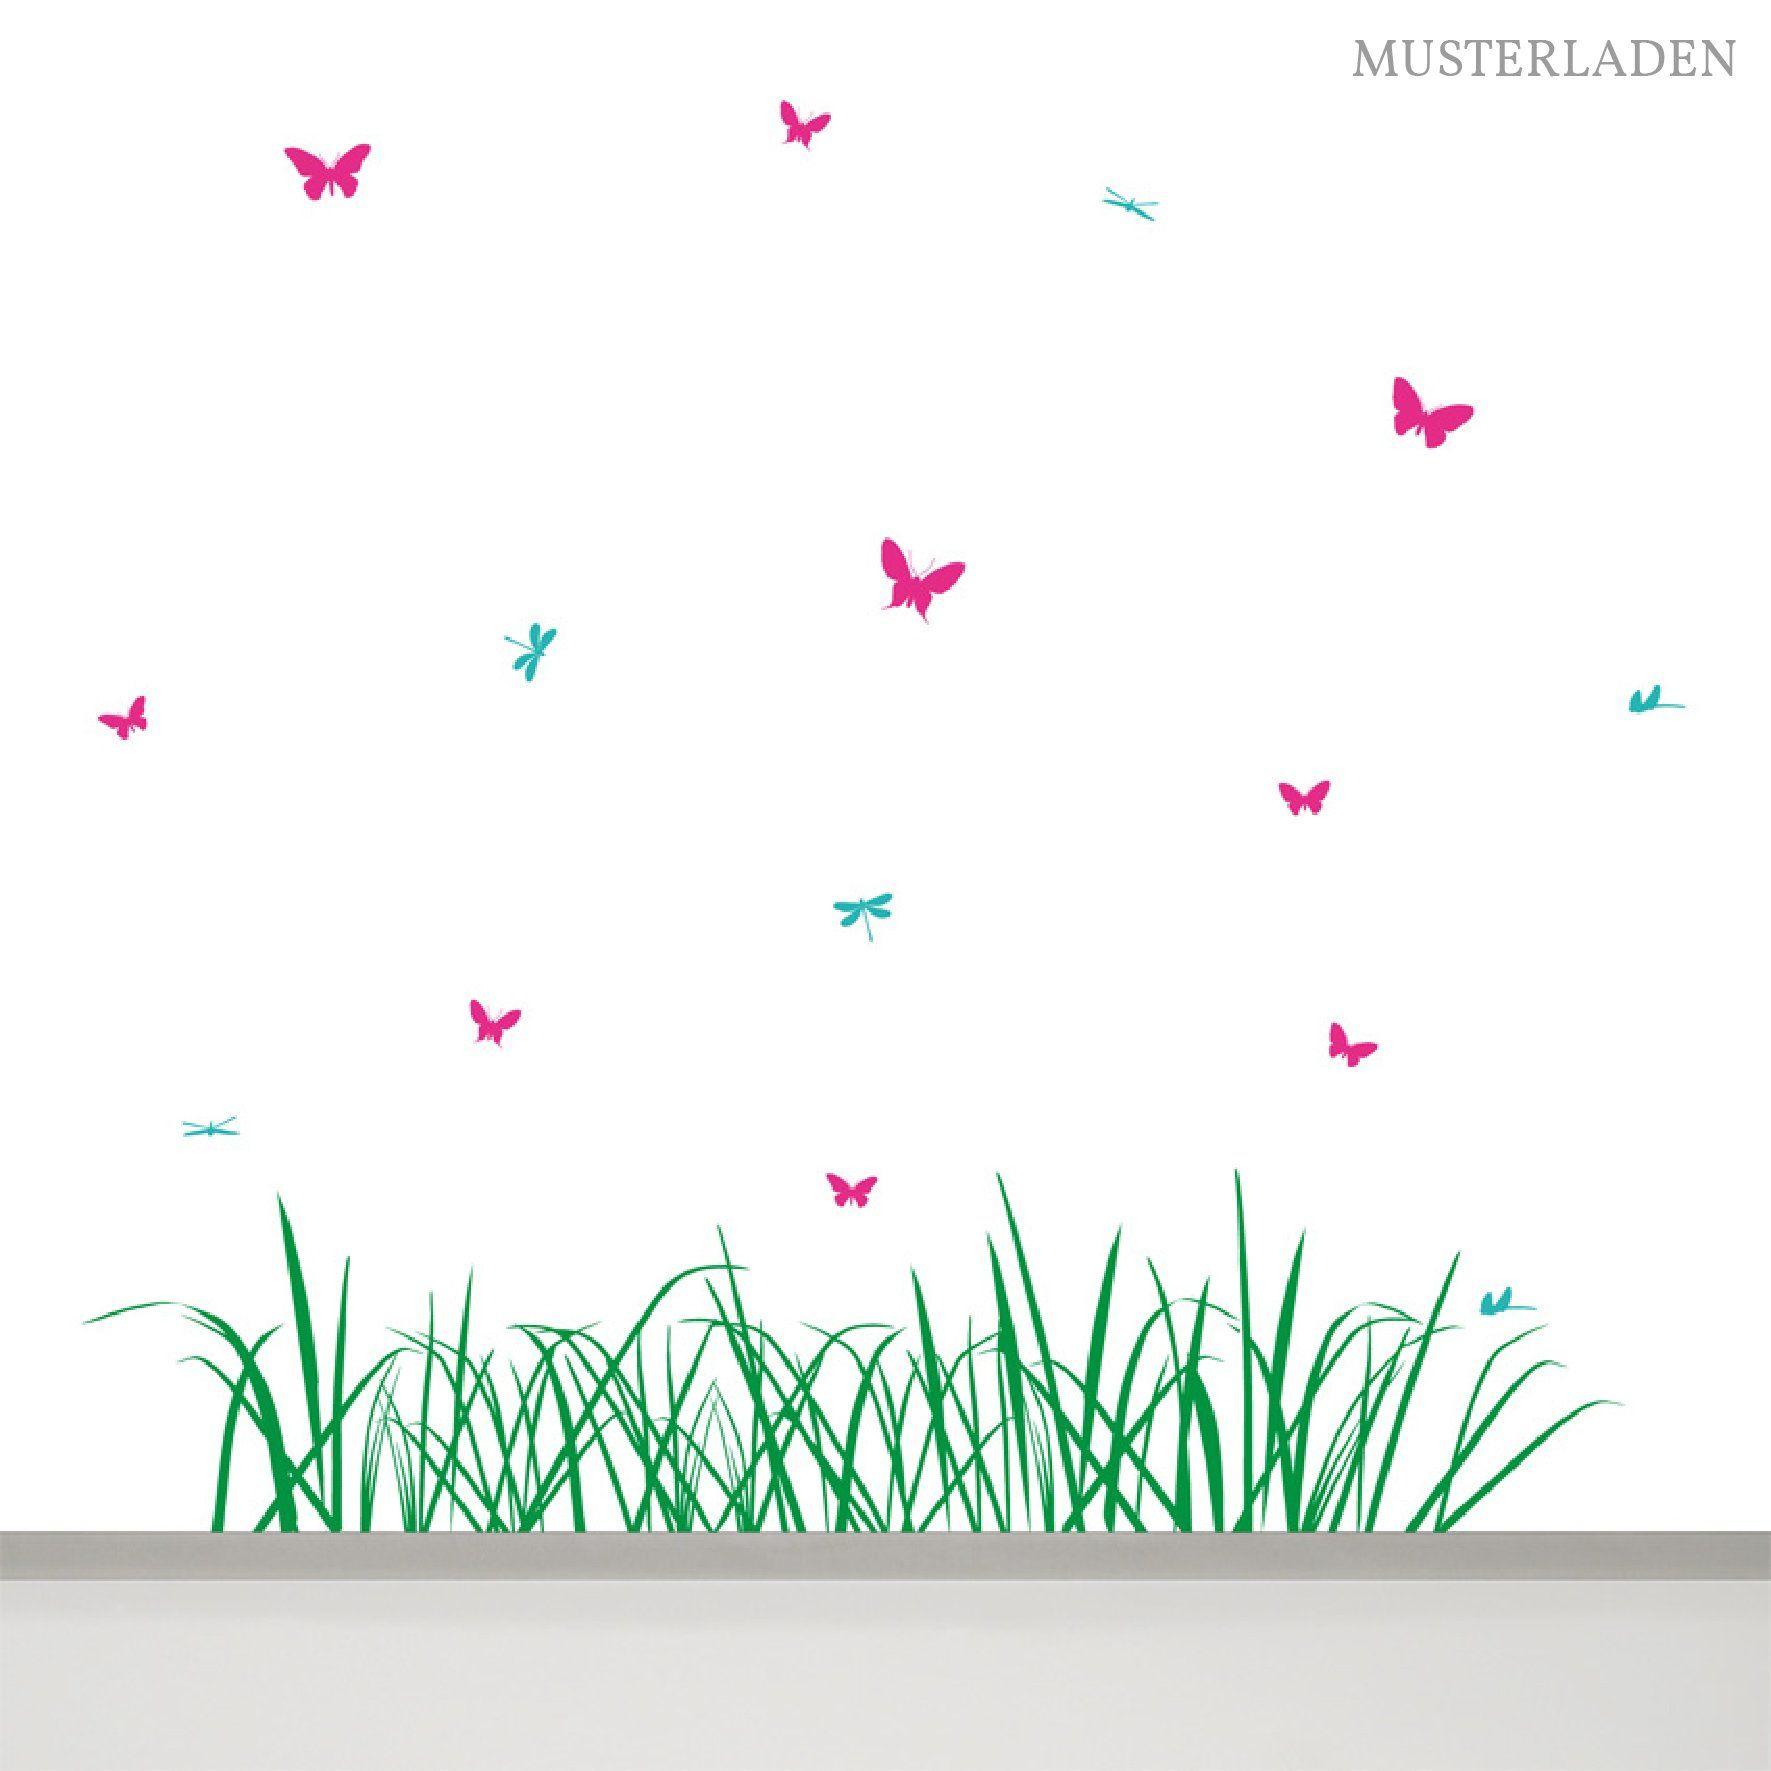 Amüsant Wandtattoo Gras Das Beste Von Wiese Mit Schmetterlingen Und Libellenmit Diesem Motiv